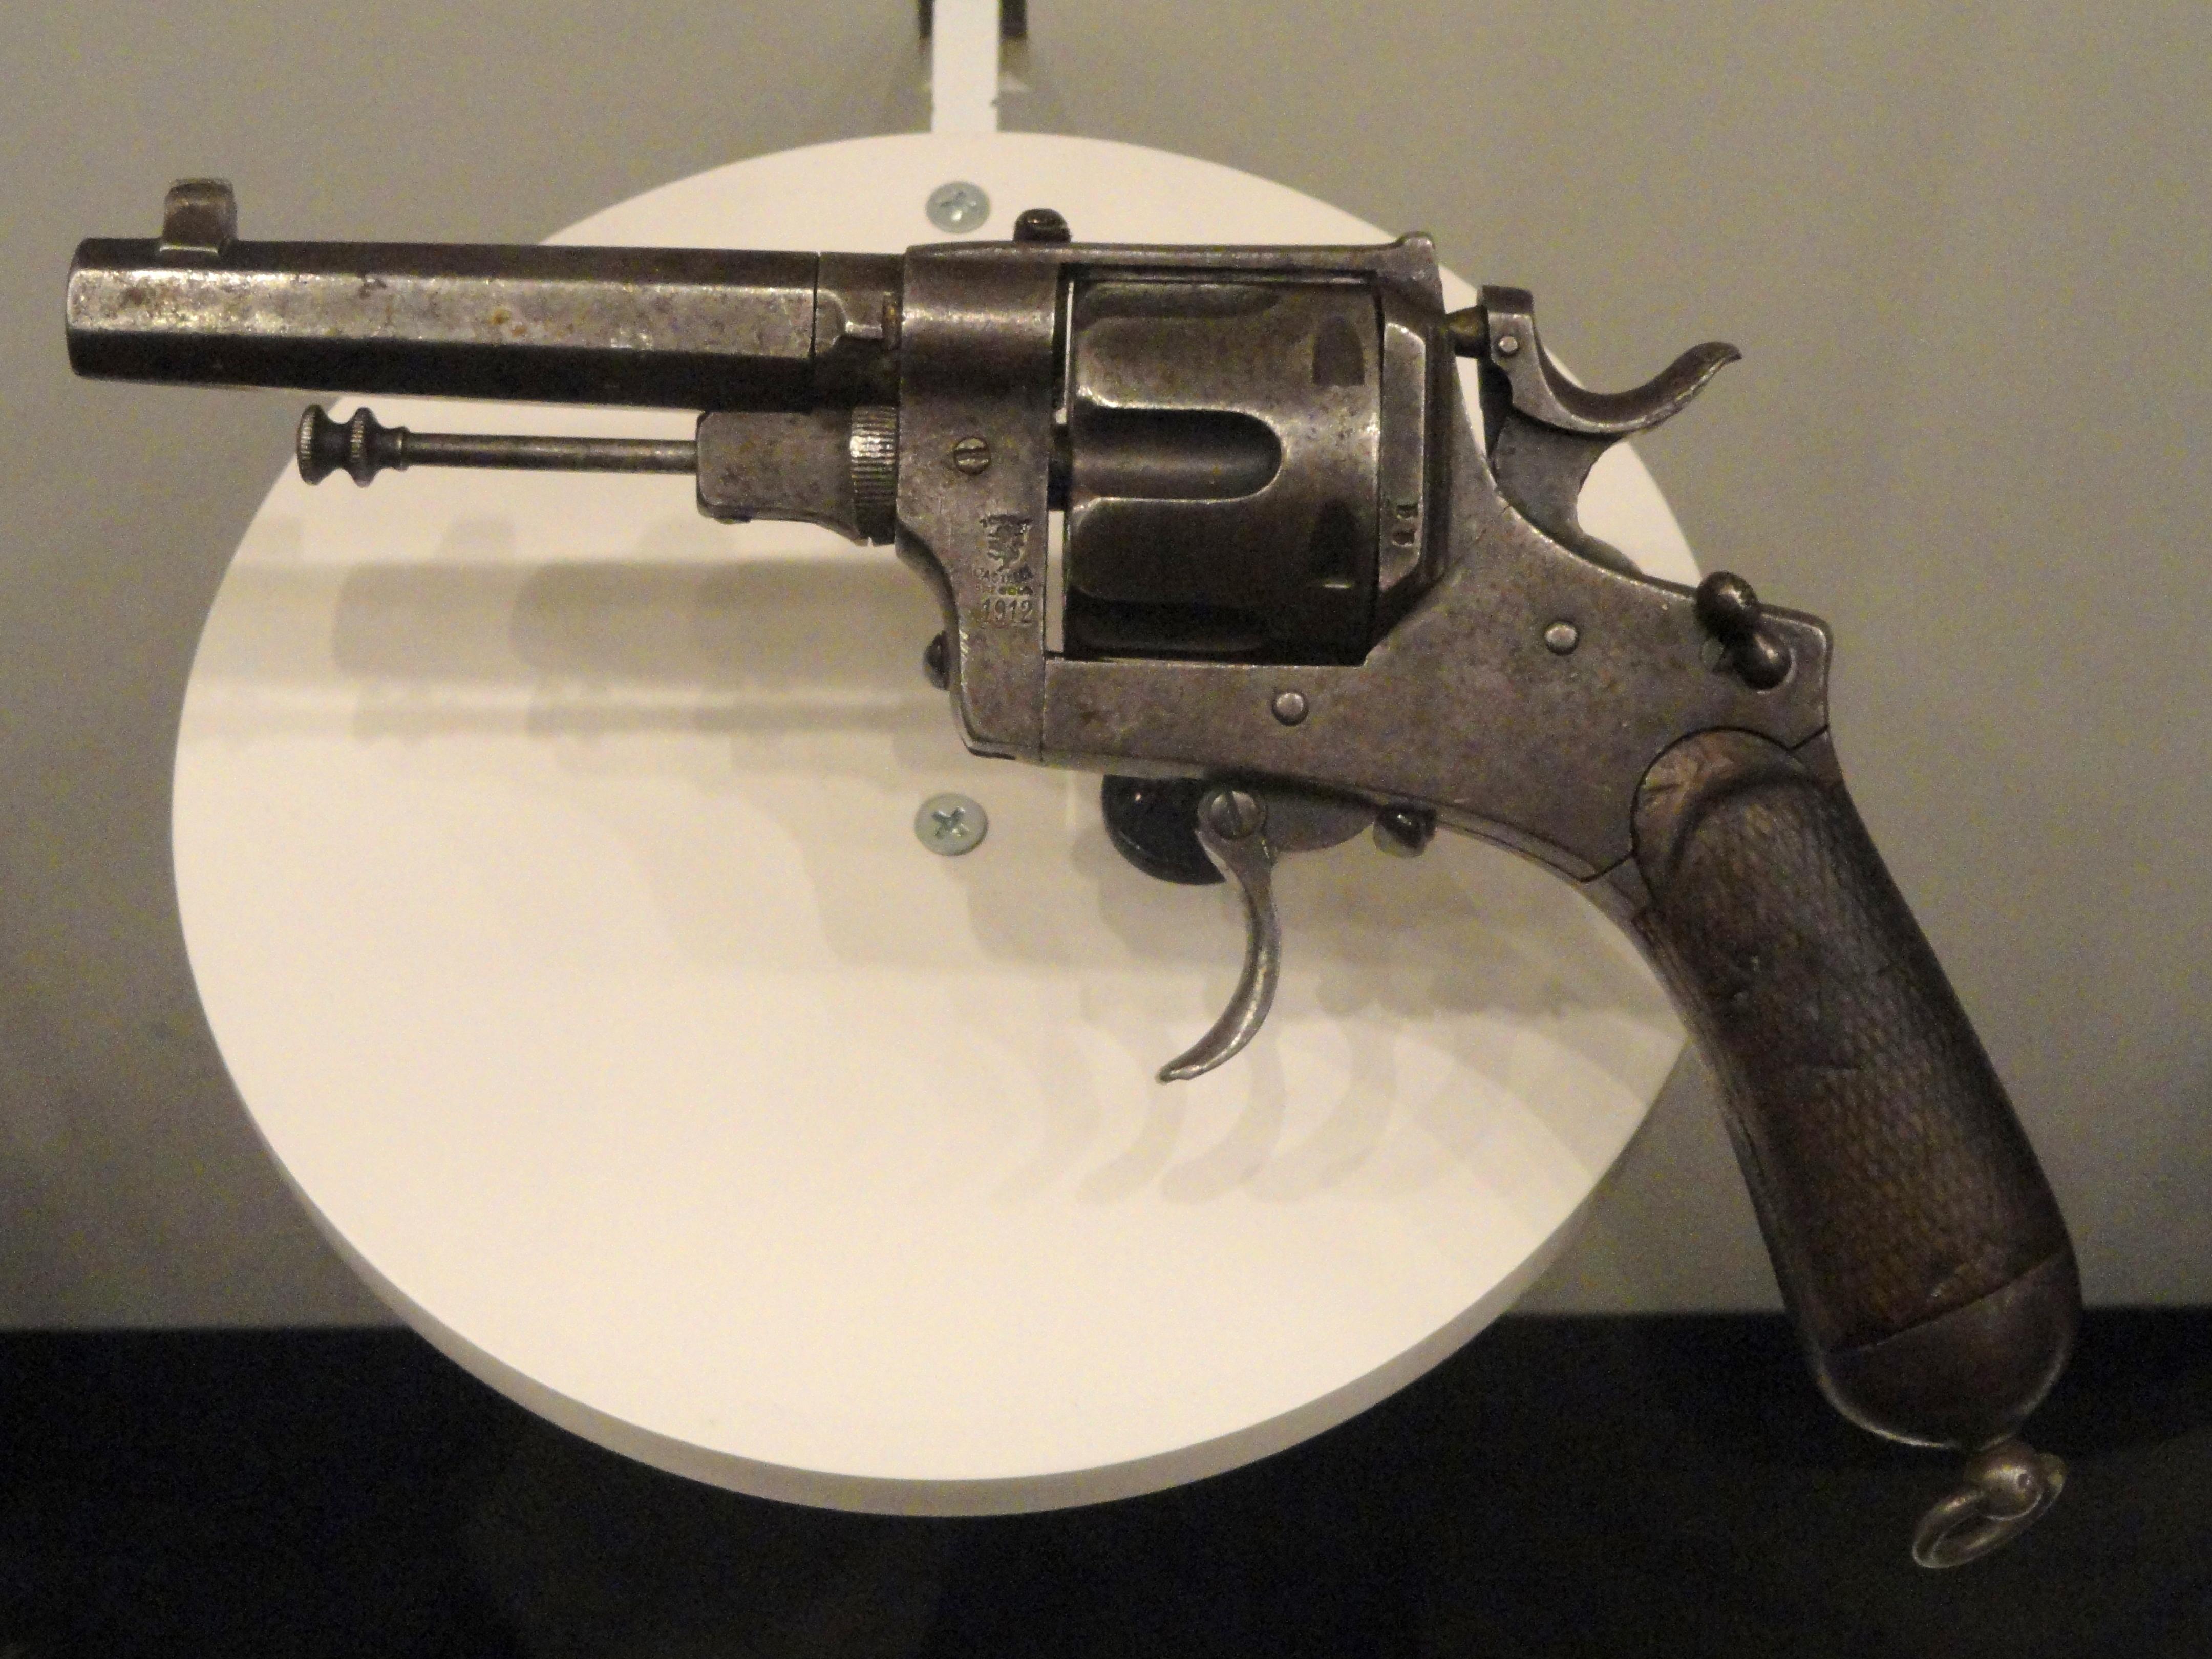 bb513ddd5134 File:Italy revolver, Modello 1889, Pistola a Rotazione, System Bodeo ...